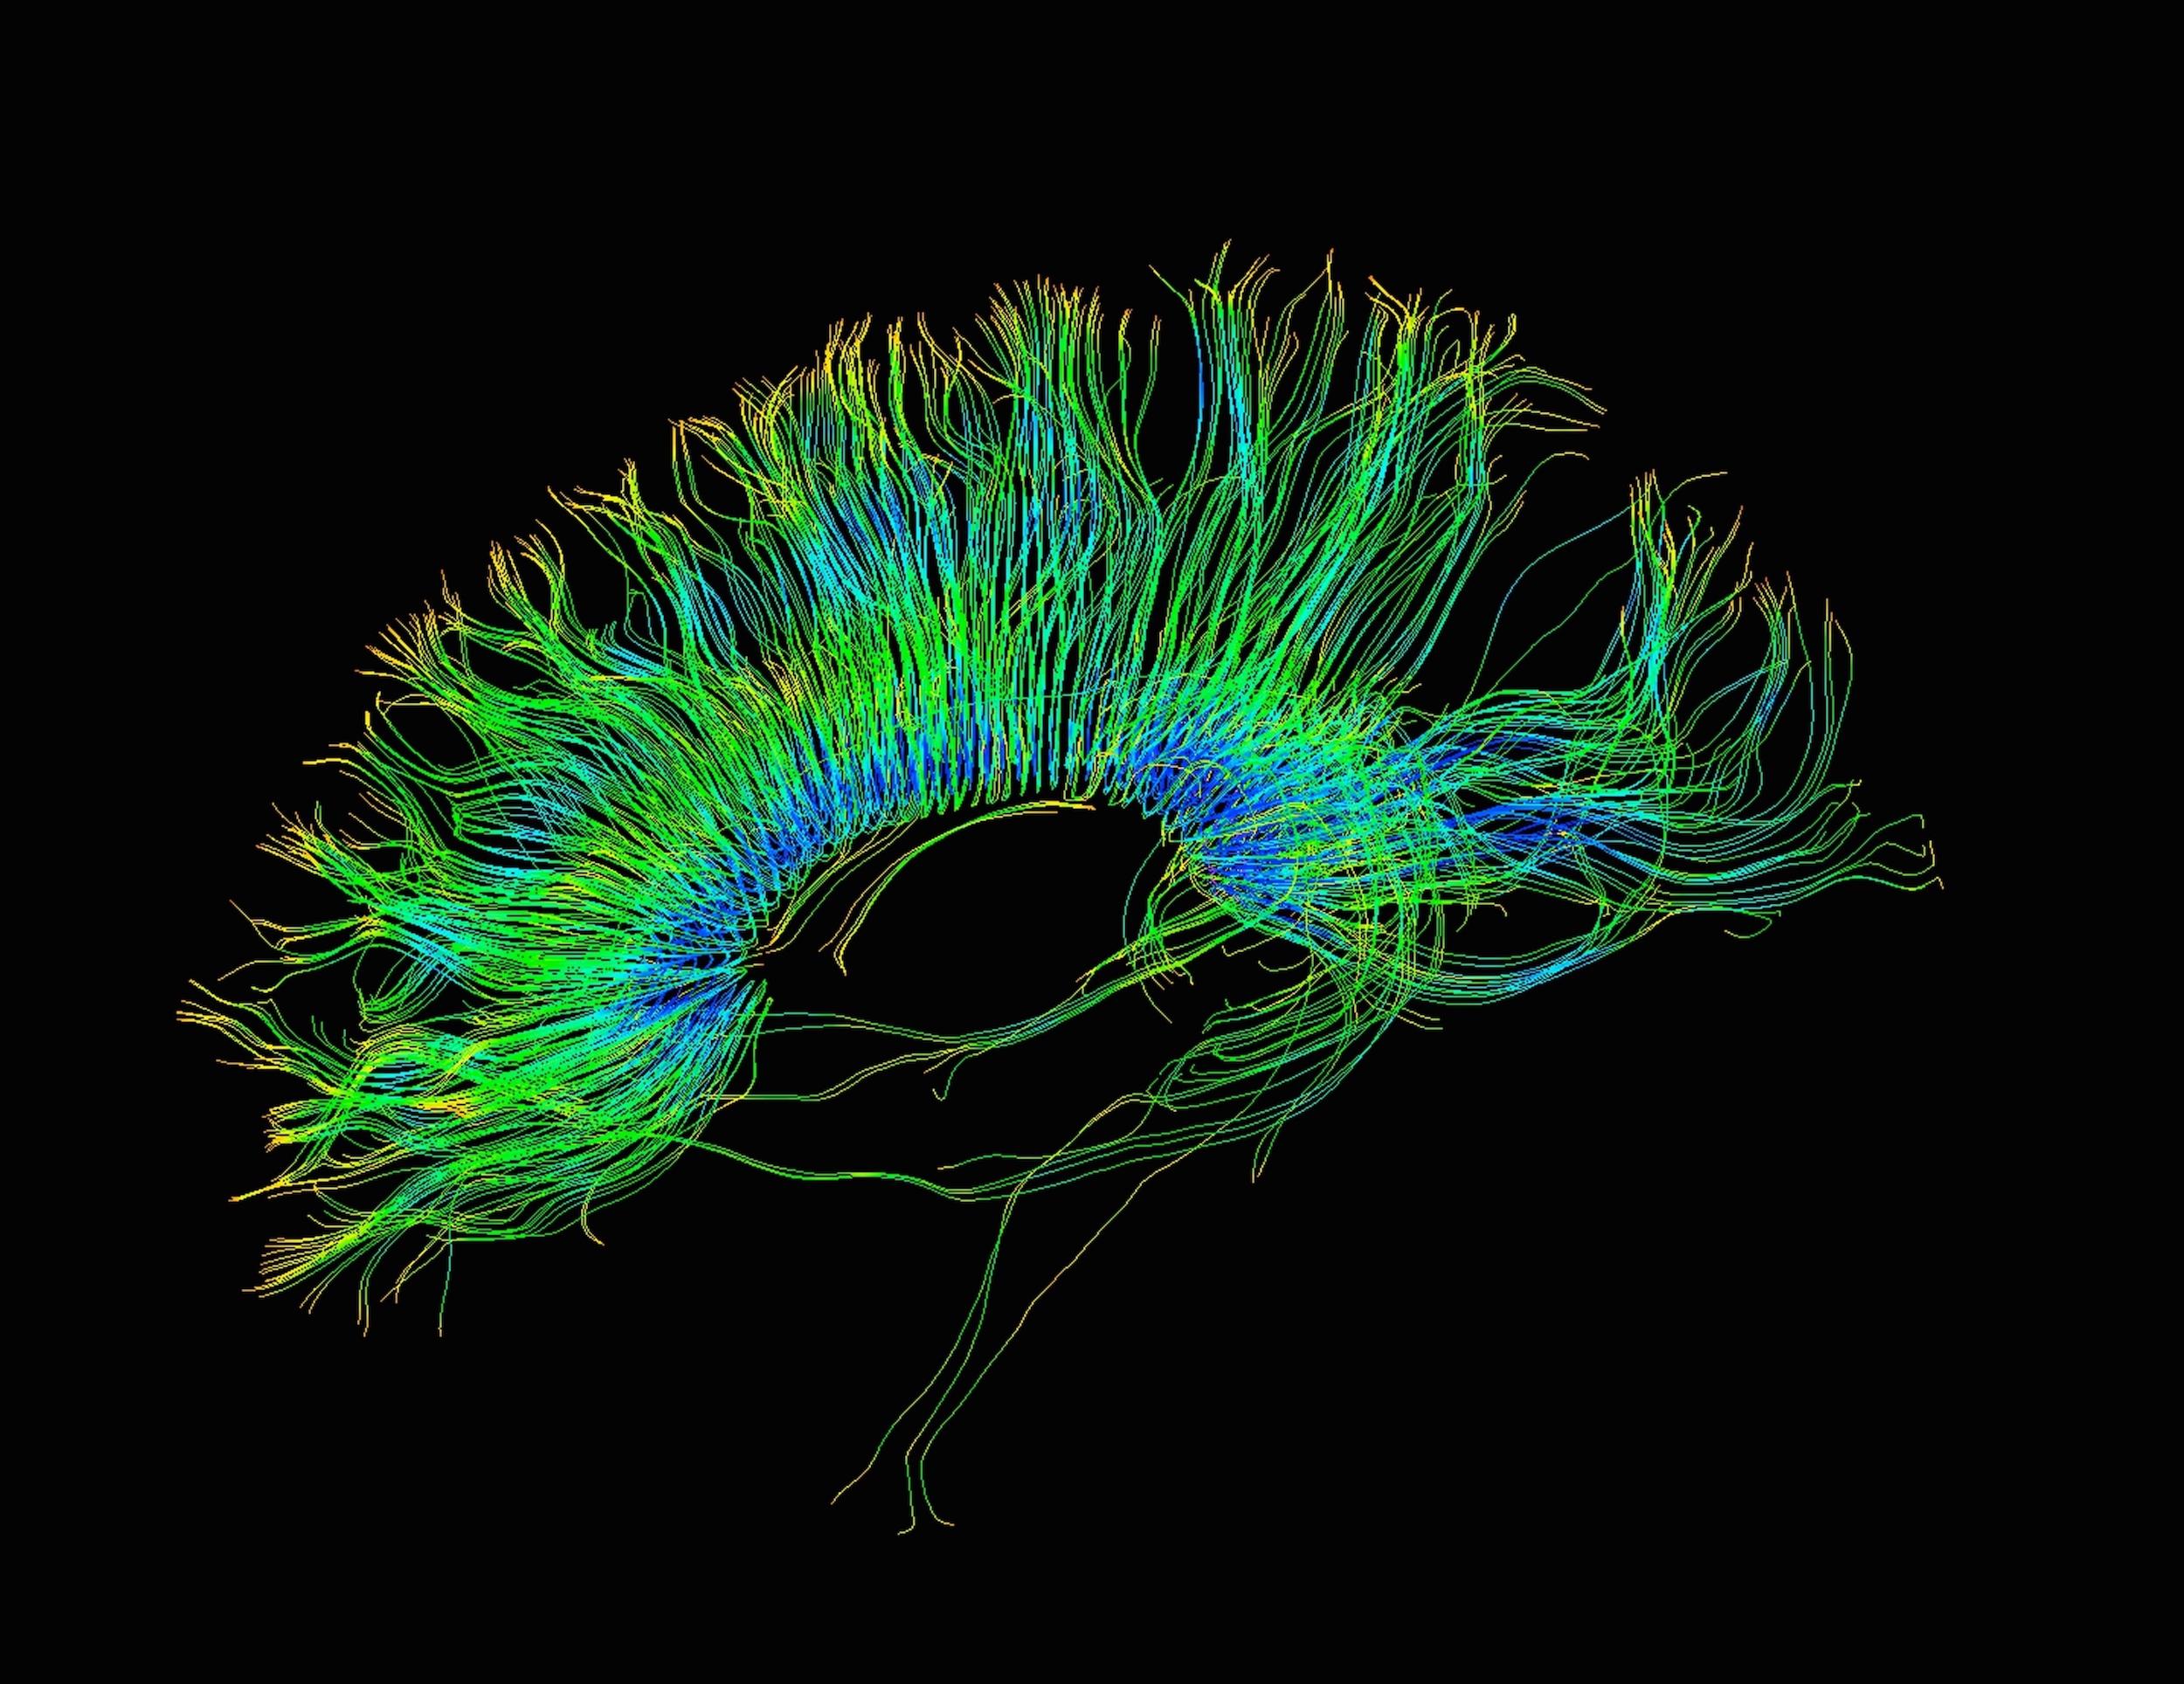 Согласно исследованию под началом доктора наук Стейси Грубер из больницы Маклин, марихуана повышает эффективность когнитивных задач, опосредуемых лобной корой.